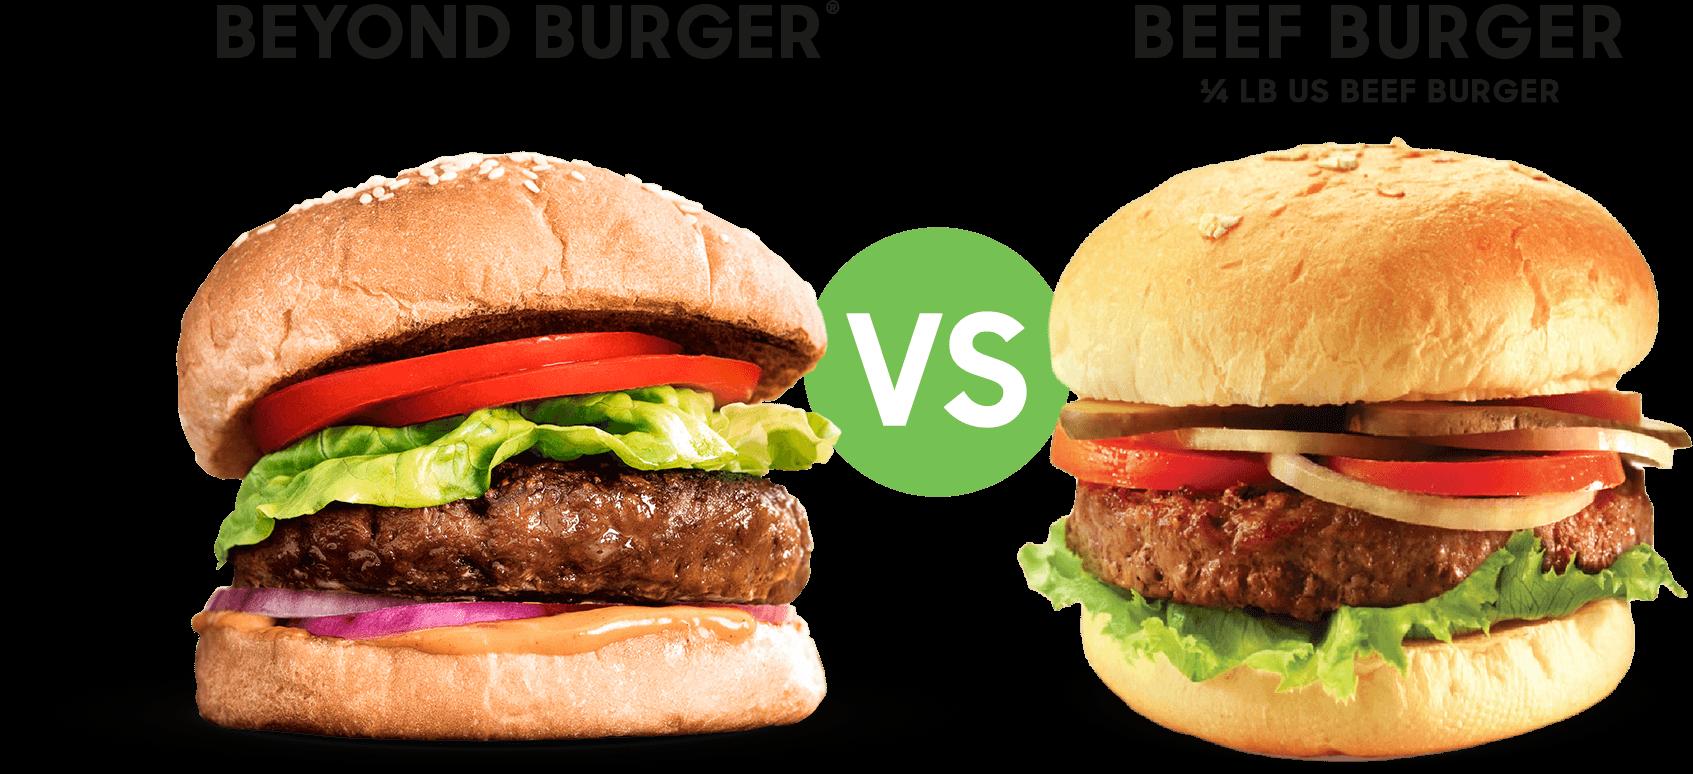 ทำความรู้จัก Beyond Meat: สตาร์ตอัพโปรตีนทางเลือกที่ทำสถิติราคา IPO พุ่งแรงสุดแห่งปี